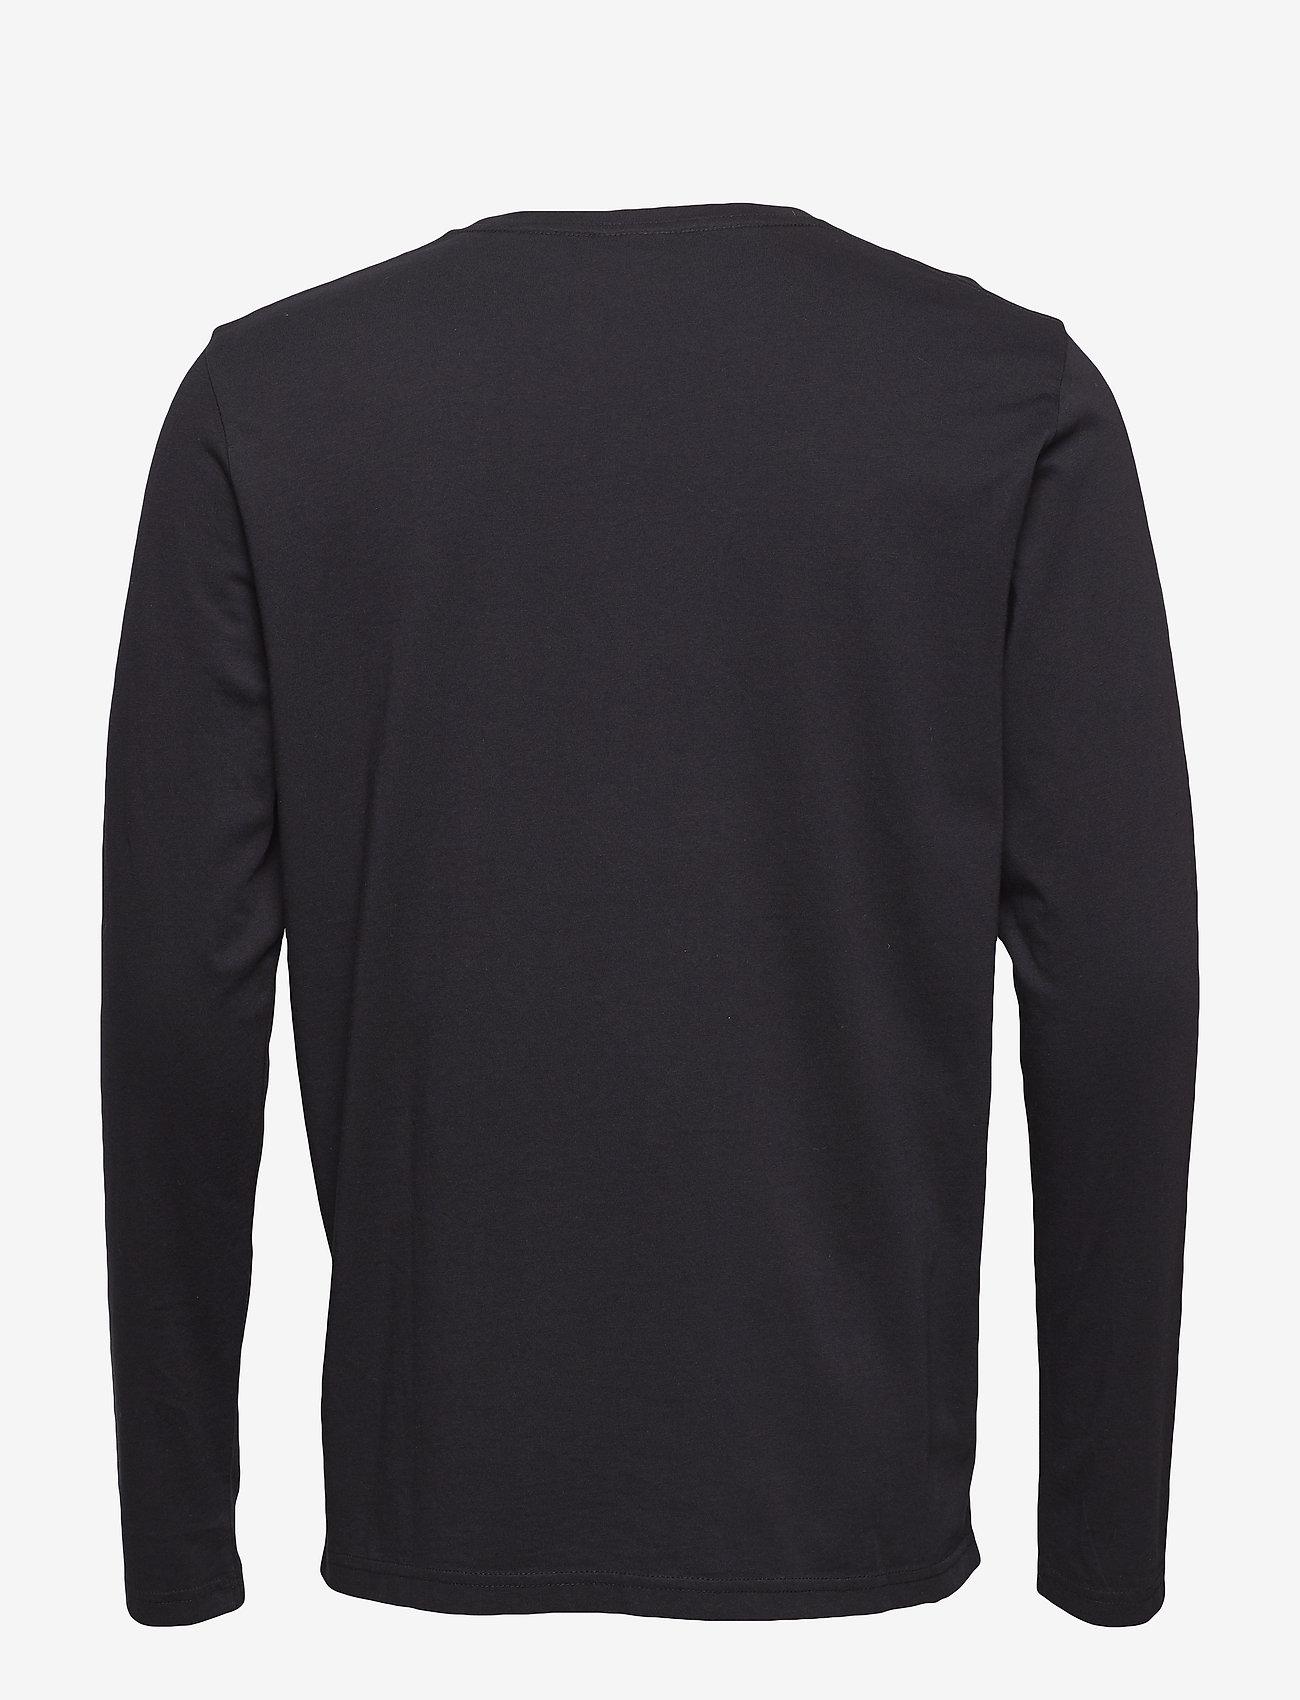 Shield Ls T-shirt (Black) (49.99 €) - GANT iXpQJ